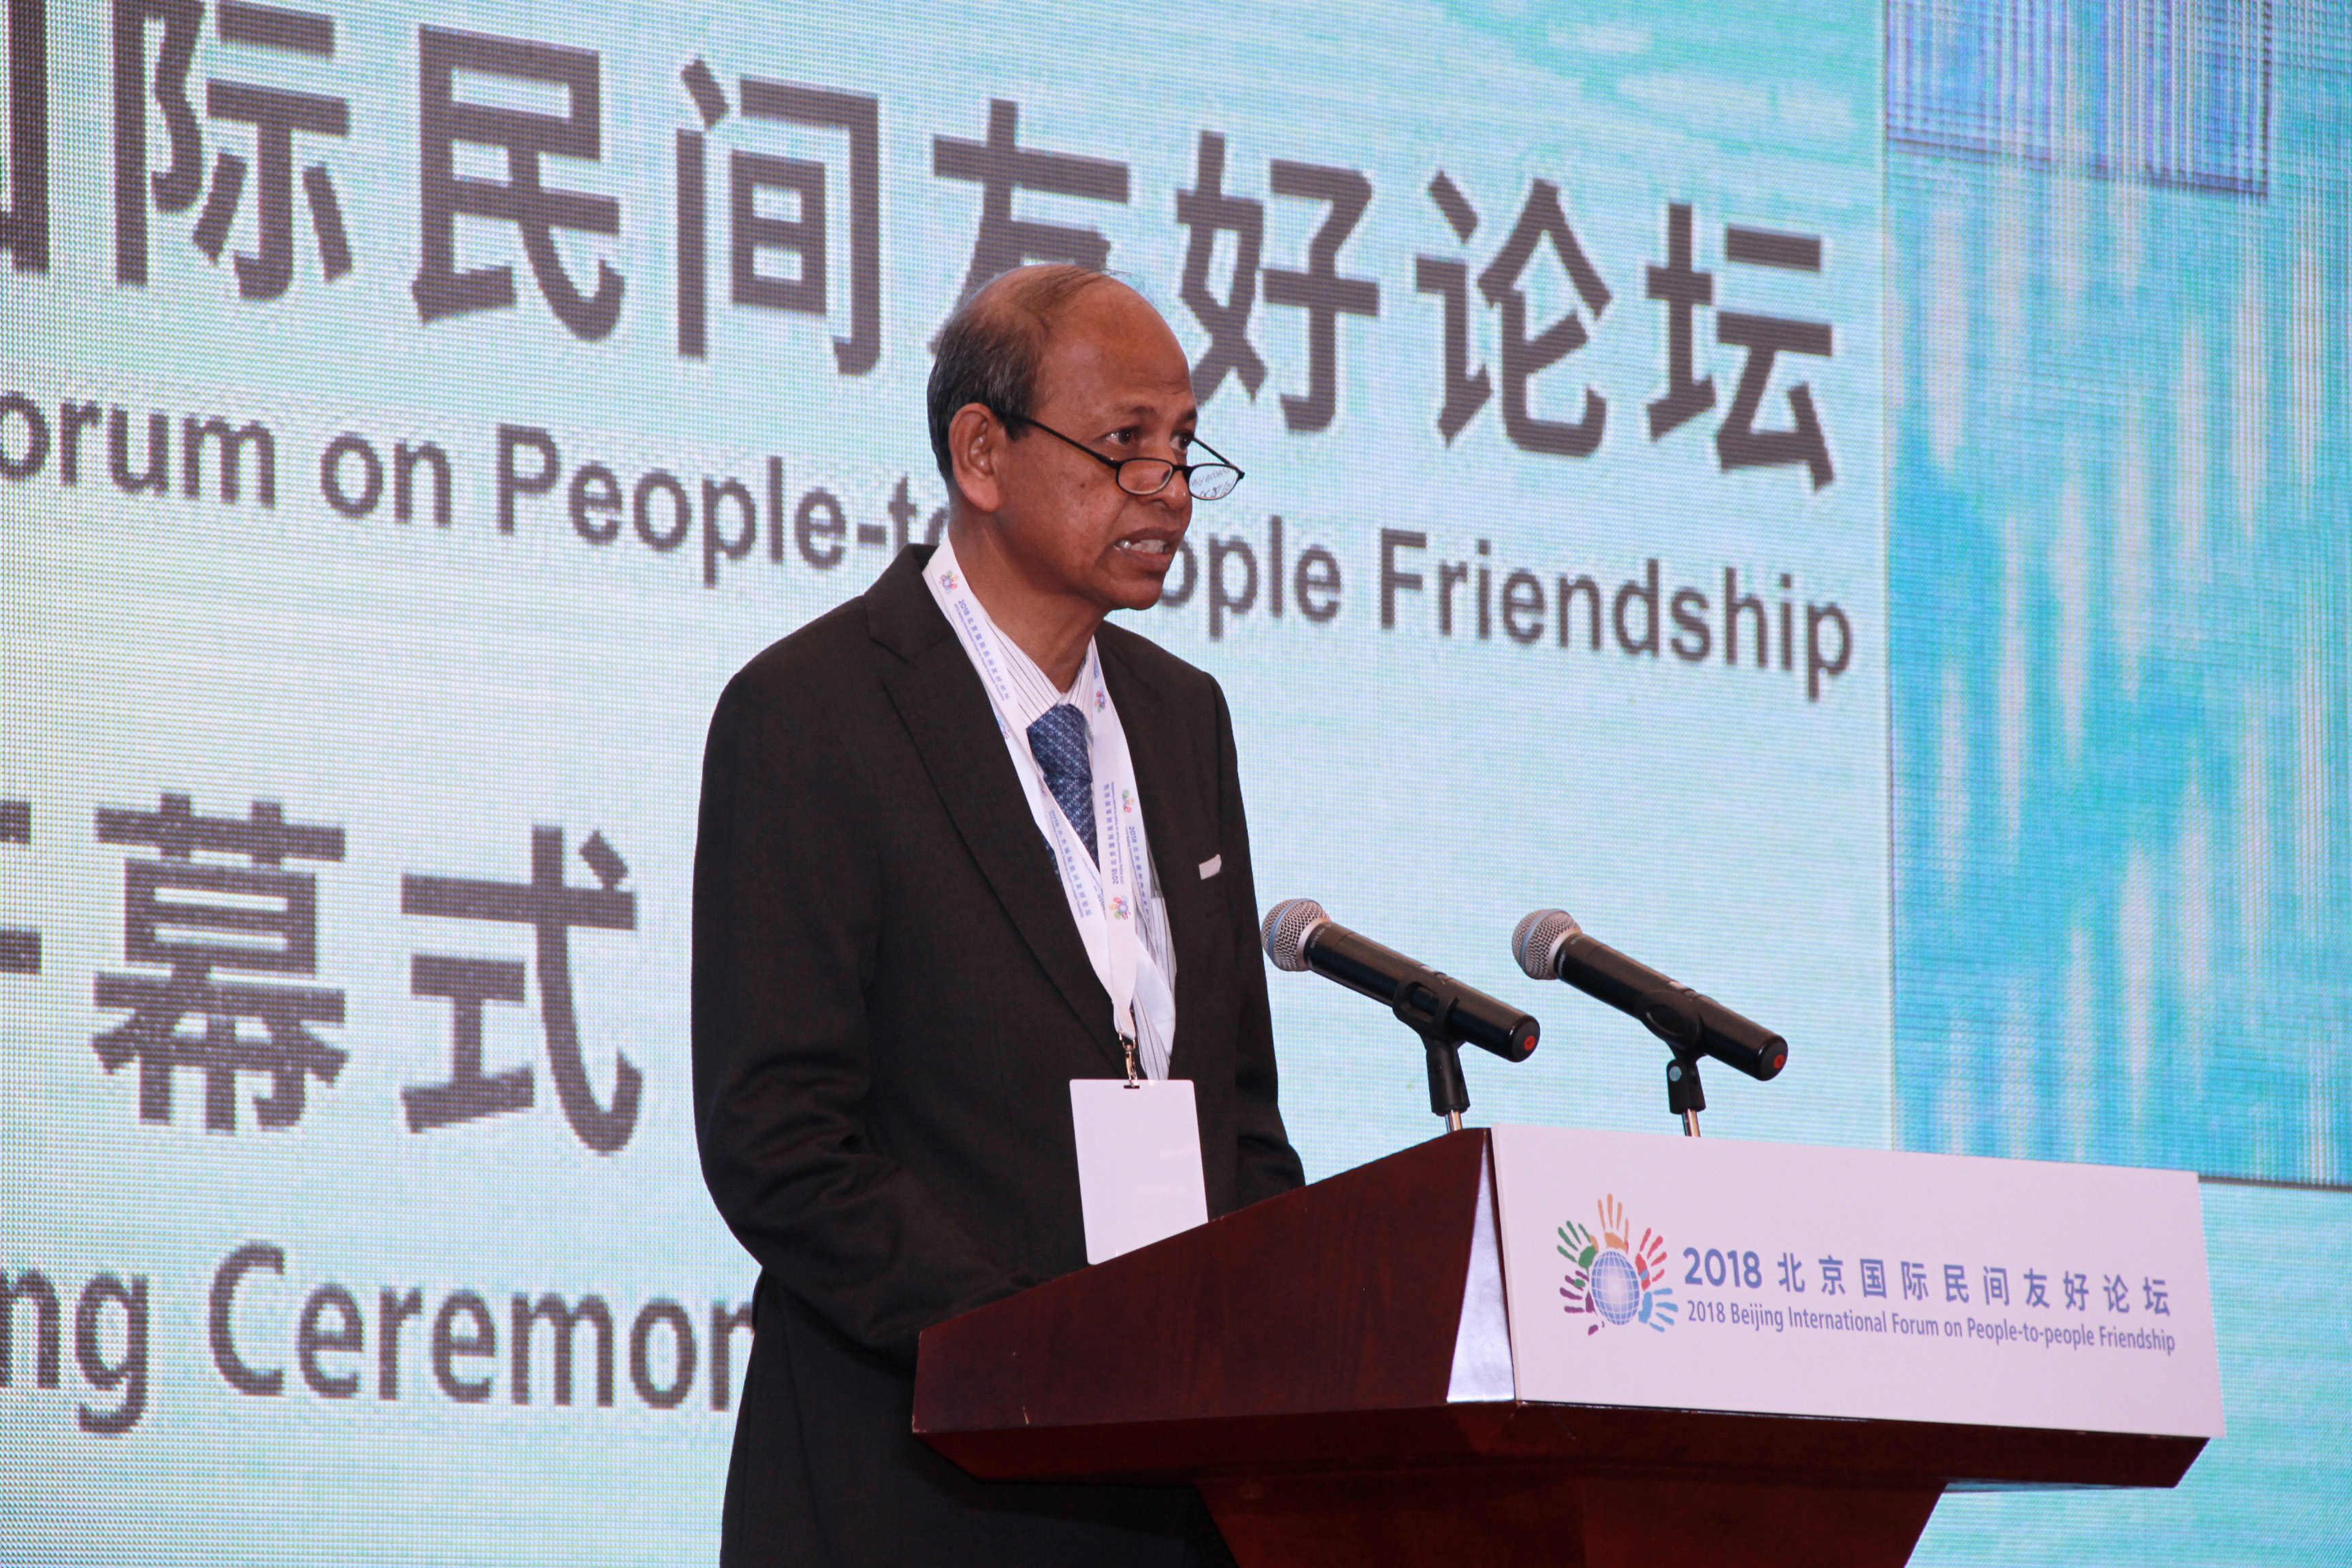 马来西亚中国友好协会会长马基德:很高兴看到马中关系健康、充满活力